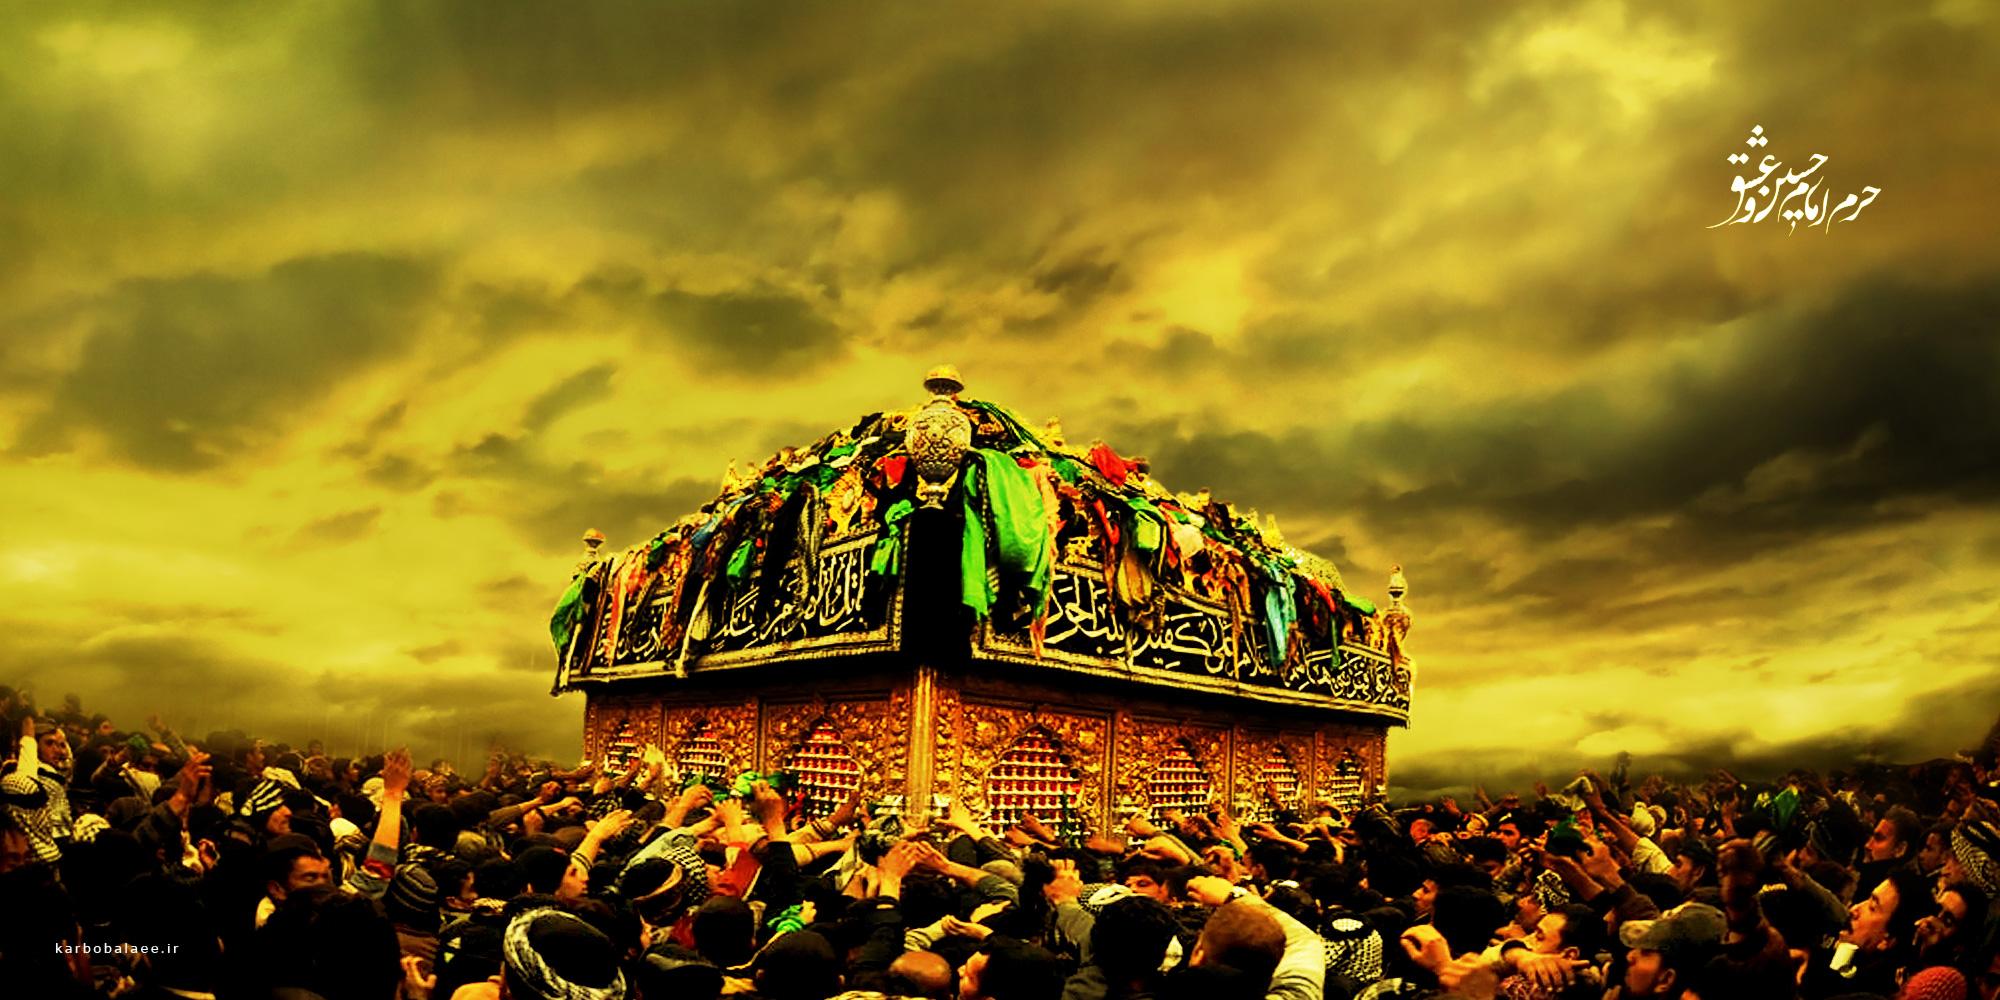 بعد از شهادت امام حسين عليه السلام در روز عاشورا ، چه اتفاقاتي در عالم رخ داد؟